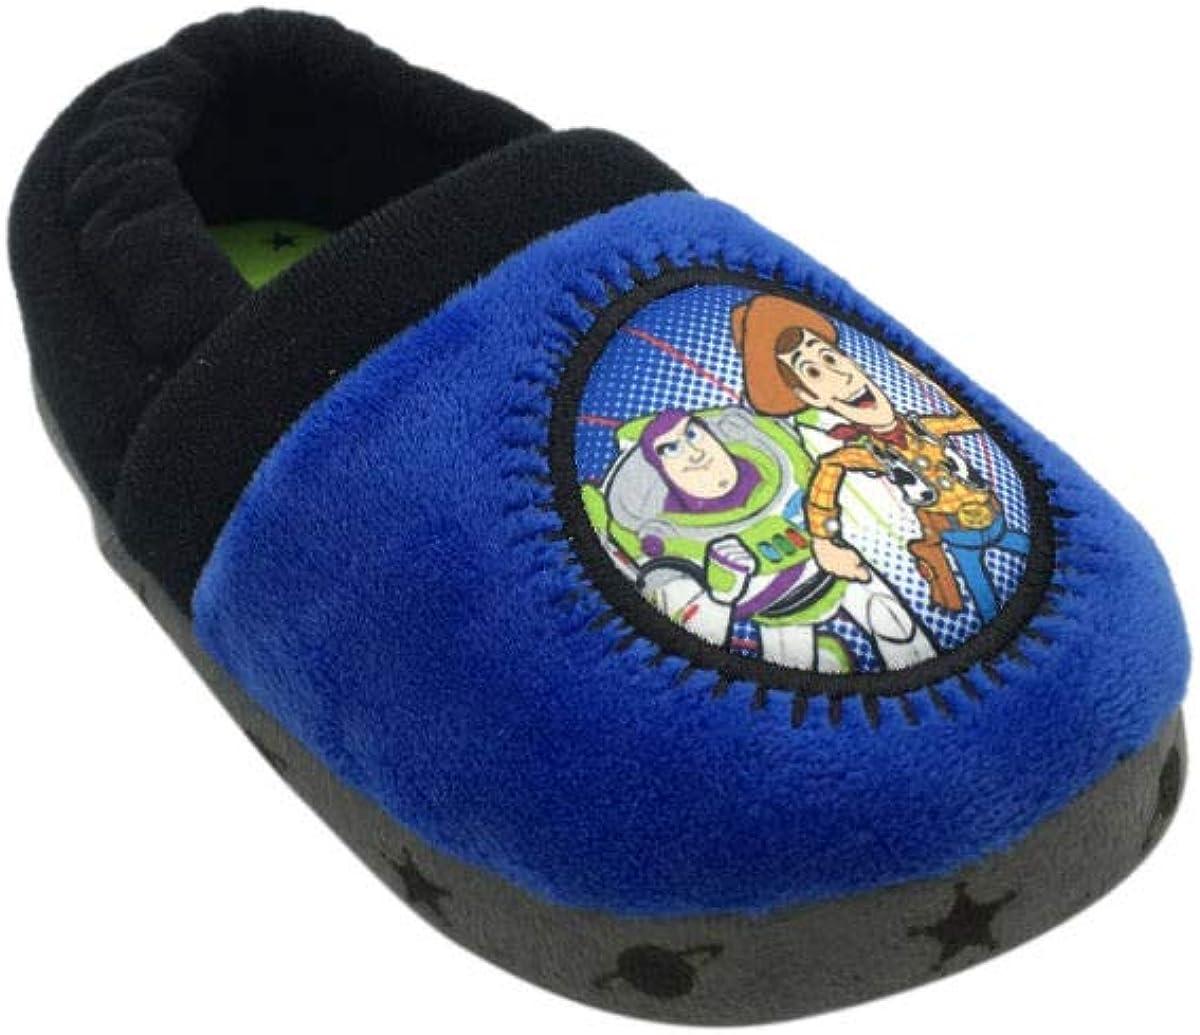 Toy Story Plush Slipper